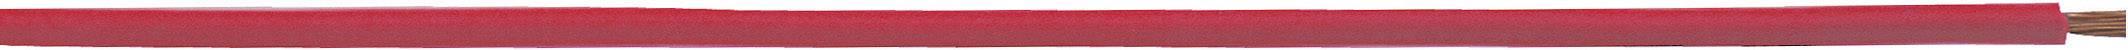 Opletenie / lanko LappKabel 4510061S H05V-K, 1 x 0.50 mm², vonkajší Ø 2.50 mm, 250 m, sivá